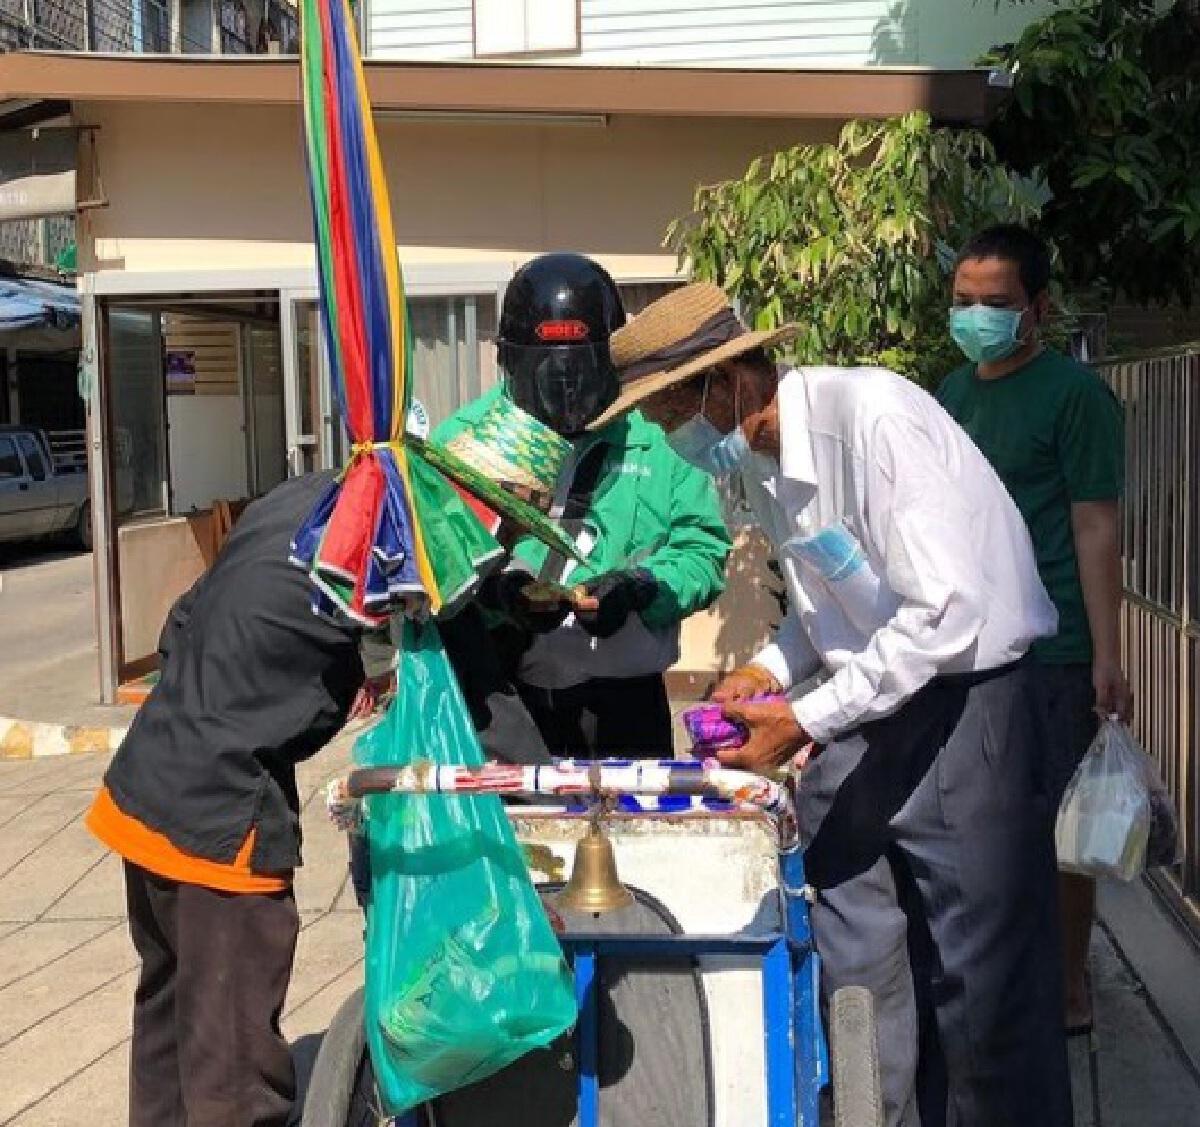 กาละแมร์ พัชรศรี ช่วยคุณลุงไอติมโบราณ ด้วยการเหมาไอติม แจกชาวบ้านในชุมชน